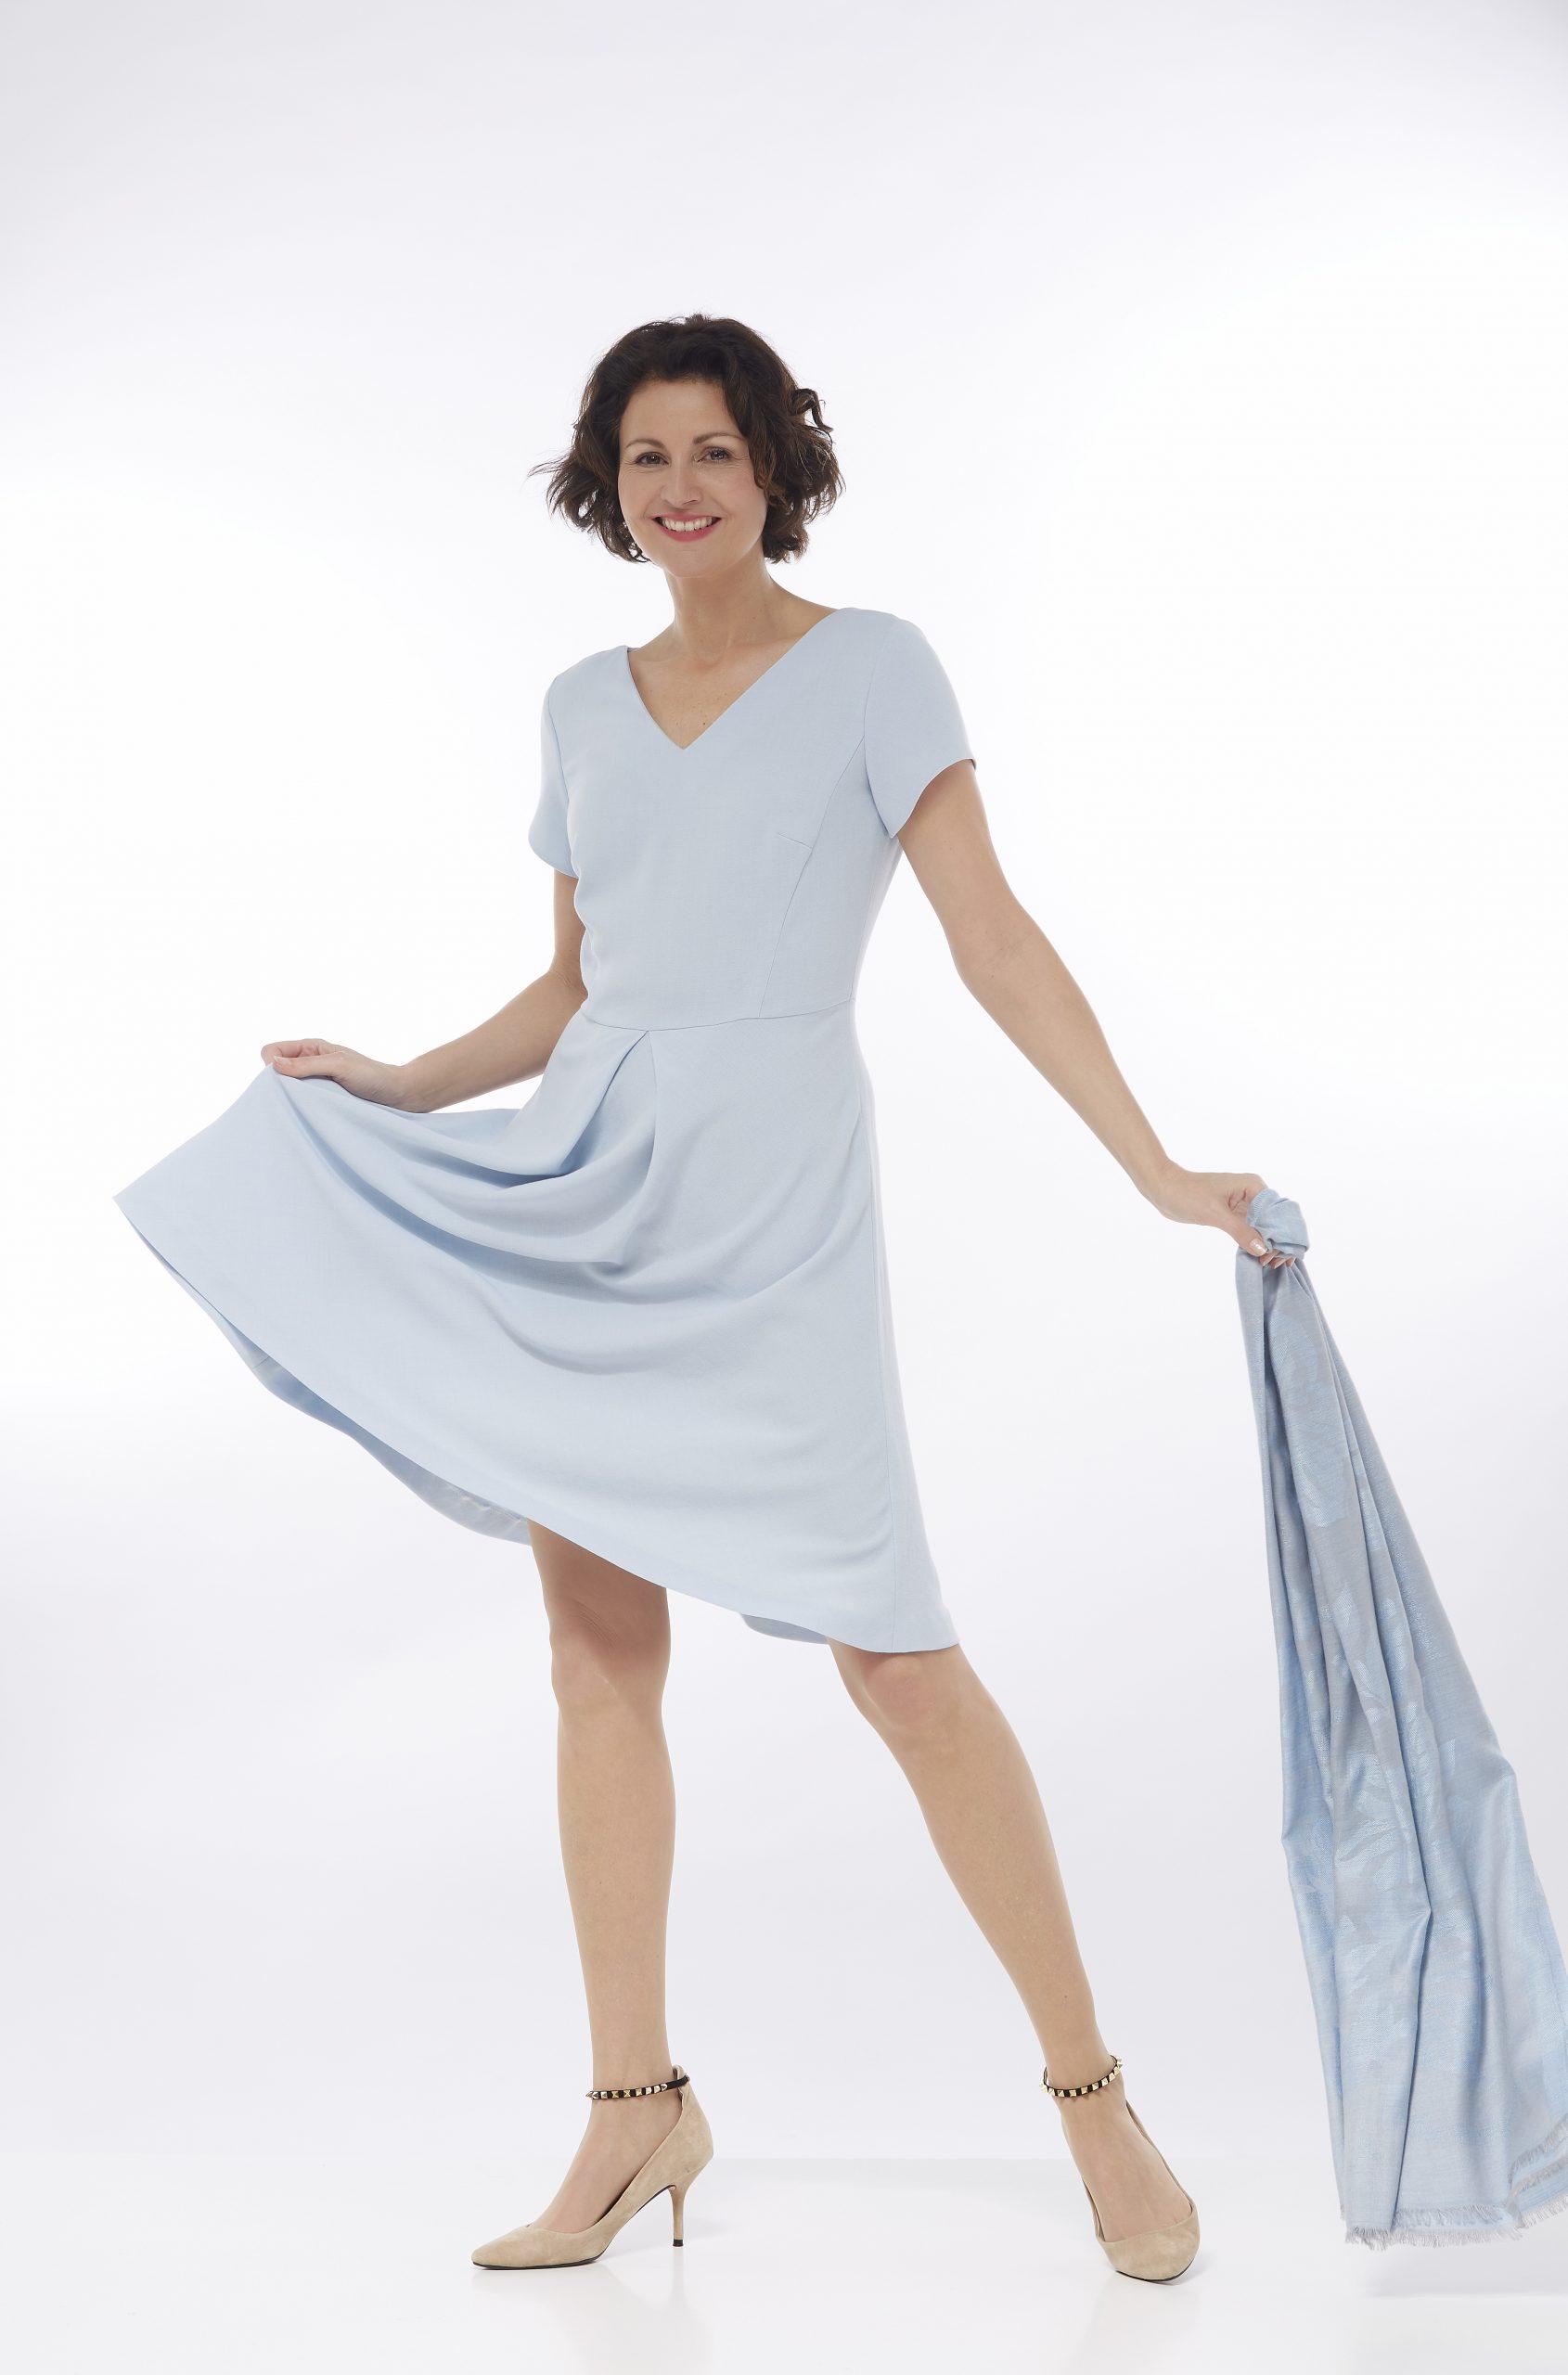 Sommer-Outfits in Blau-Weiß versprühen einen maritimen Flair